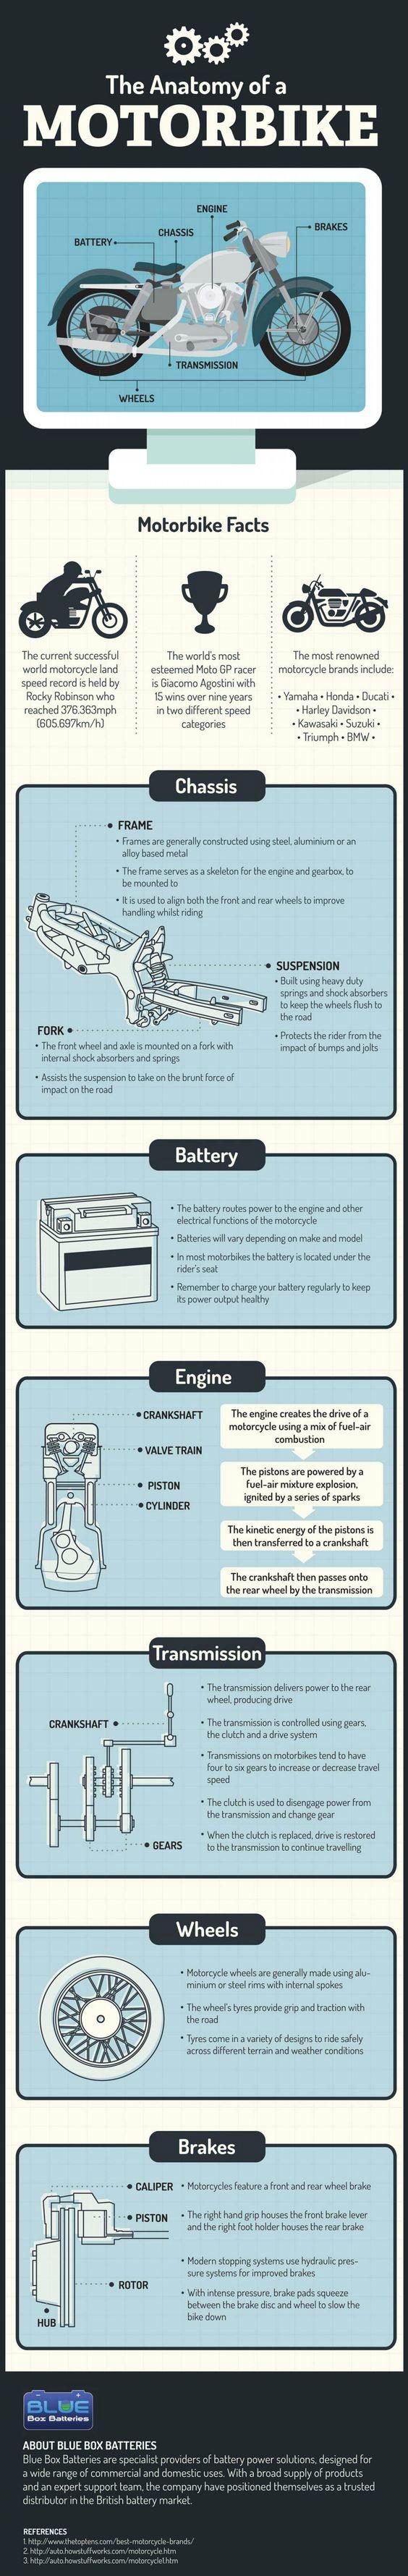 http://www.blueboxbatteries.co.uk/blog